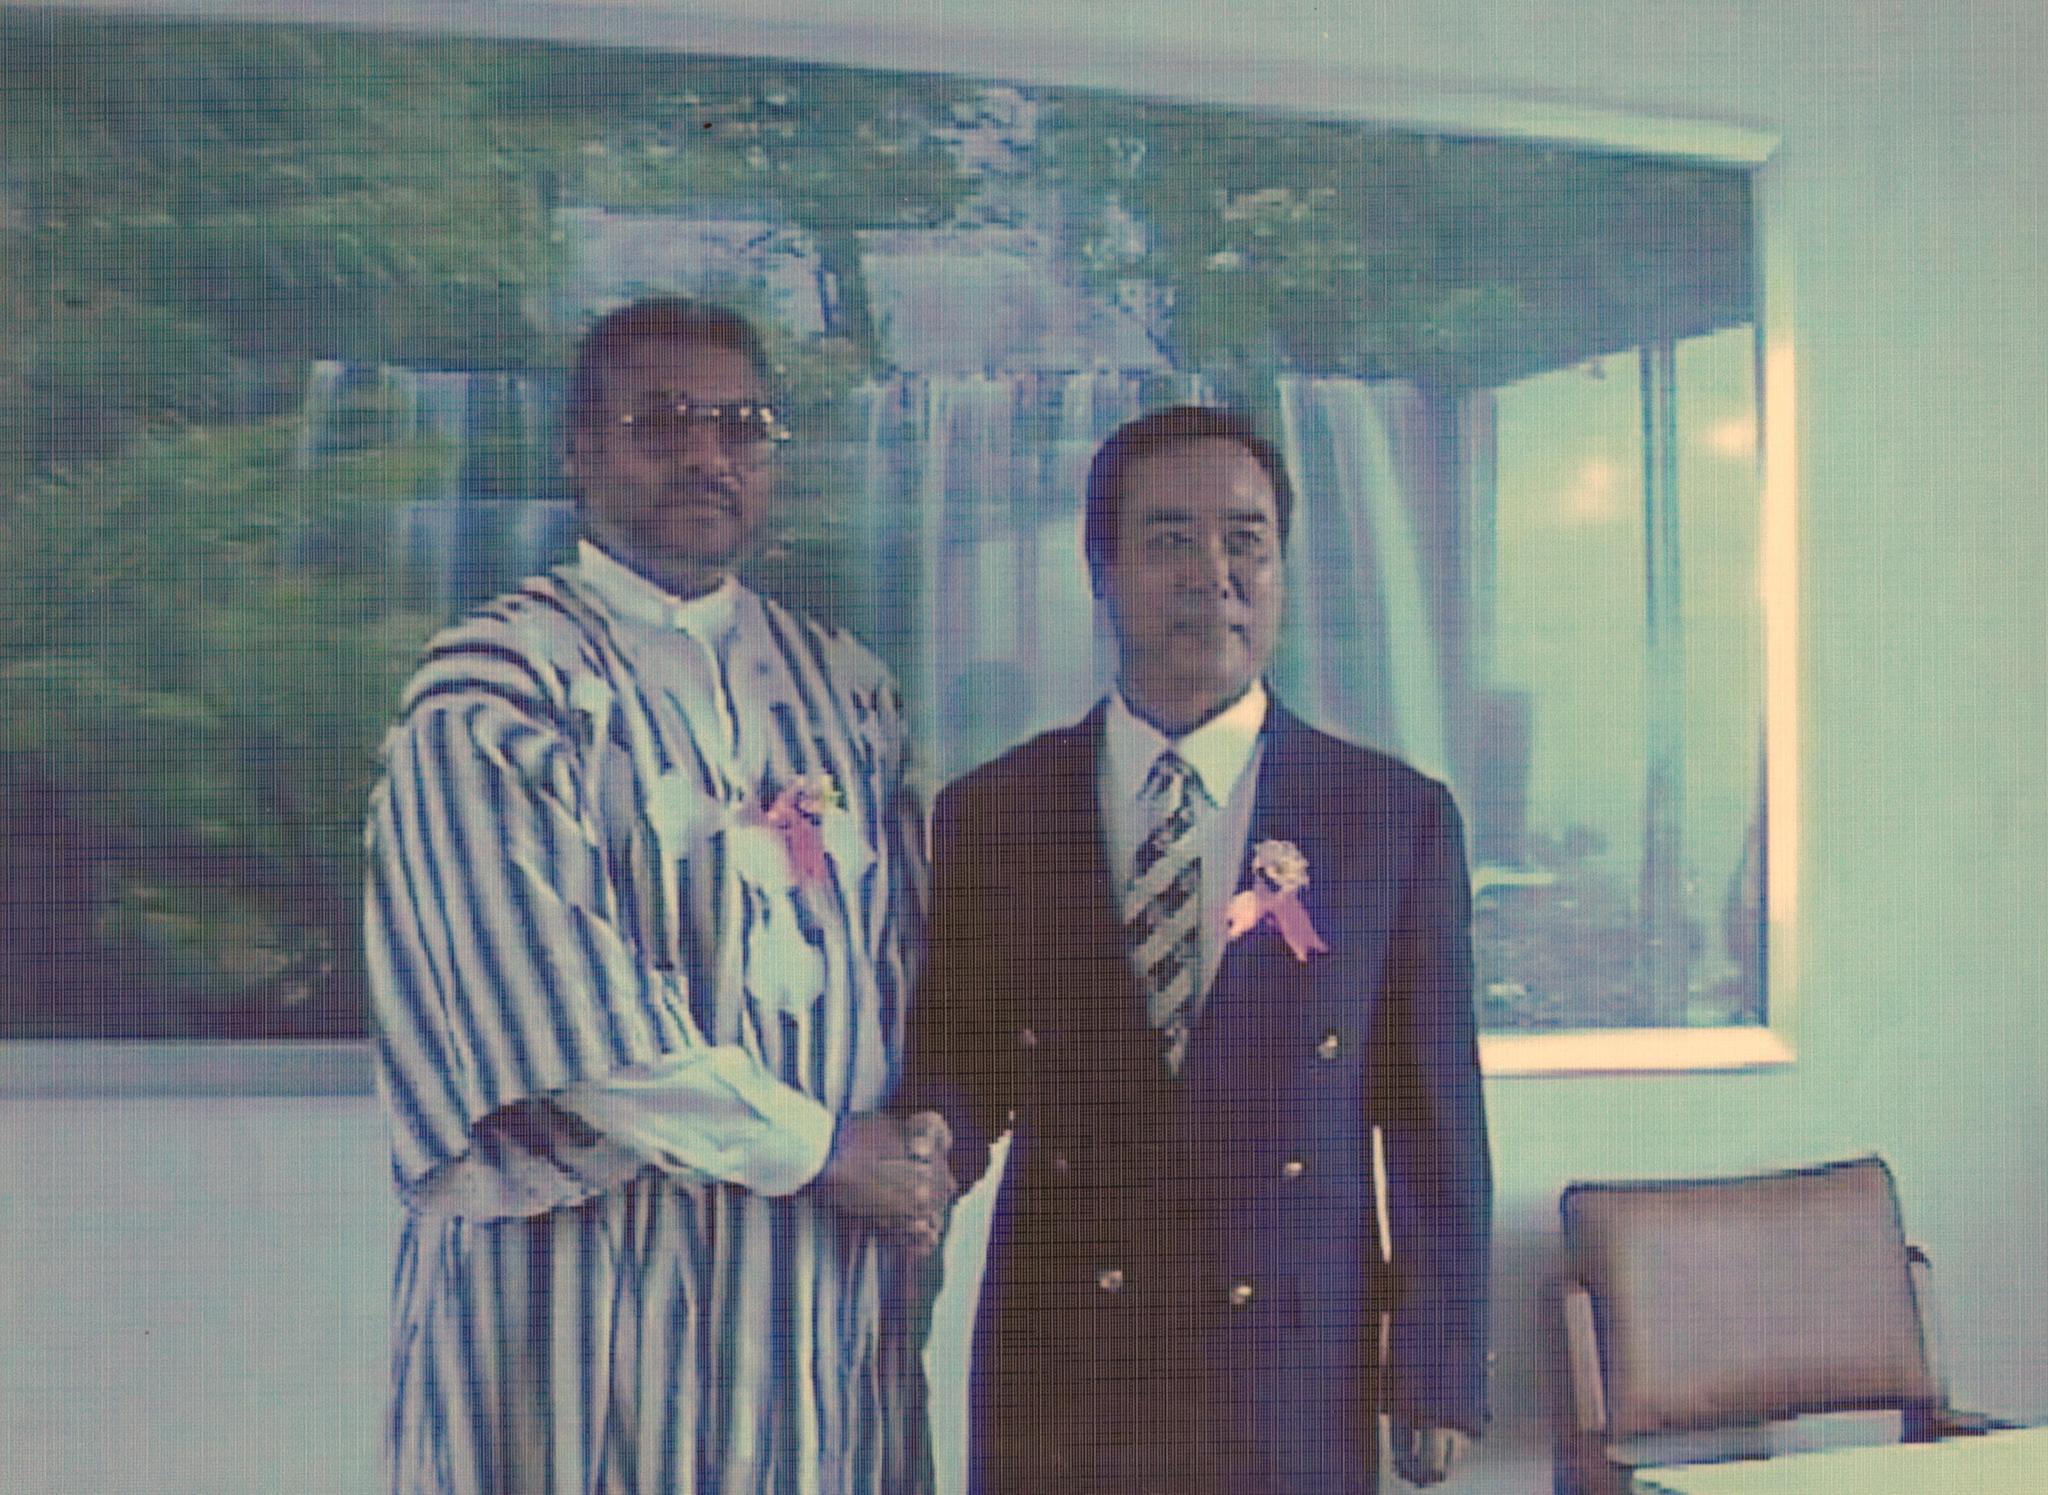 萧波(右)与加纳前总统罗林斯合影。